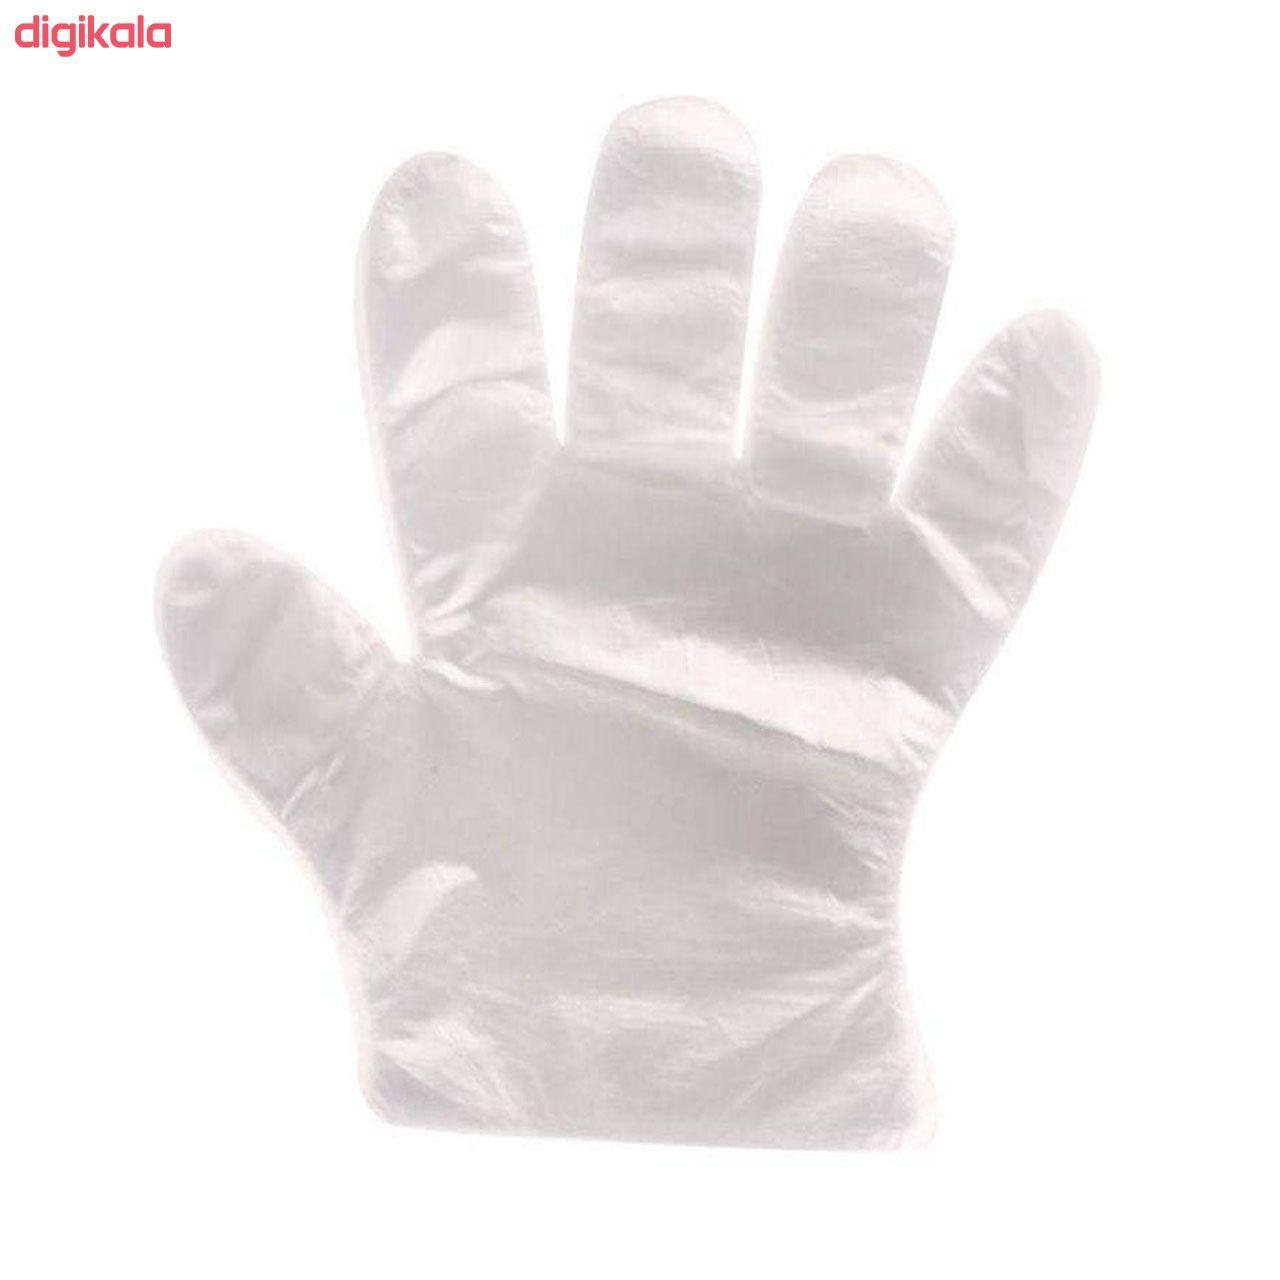 دستکش یکبار مصرف آریا طب کد 1004 بسته 100 عددی main 1 1